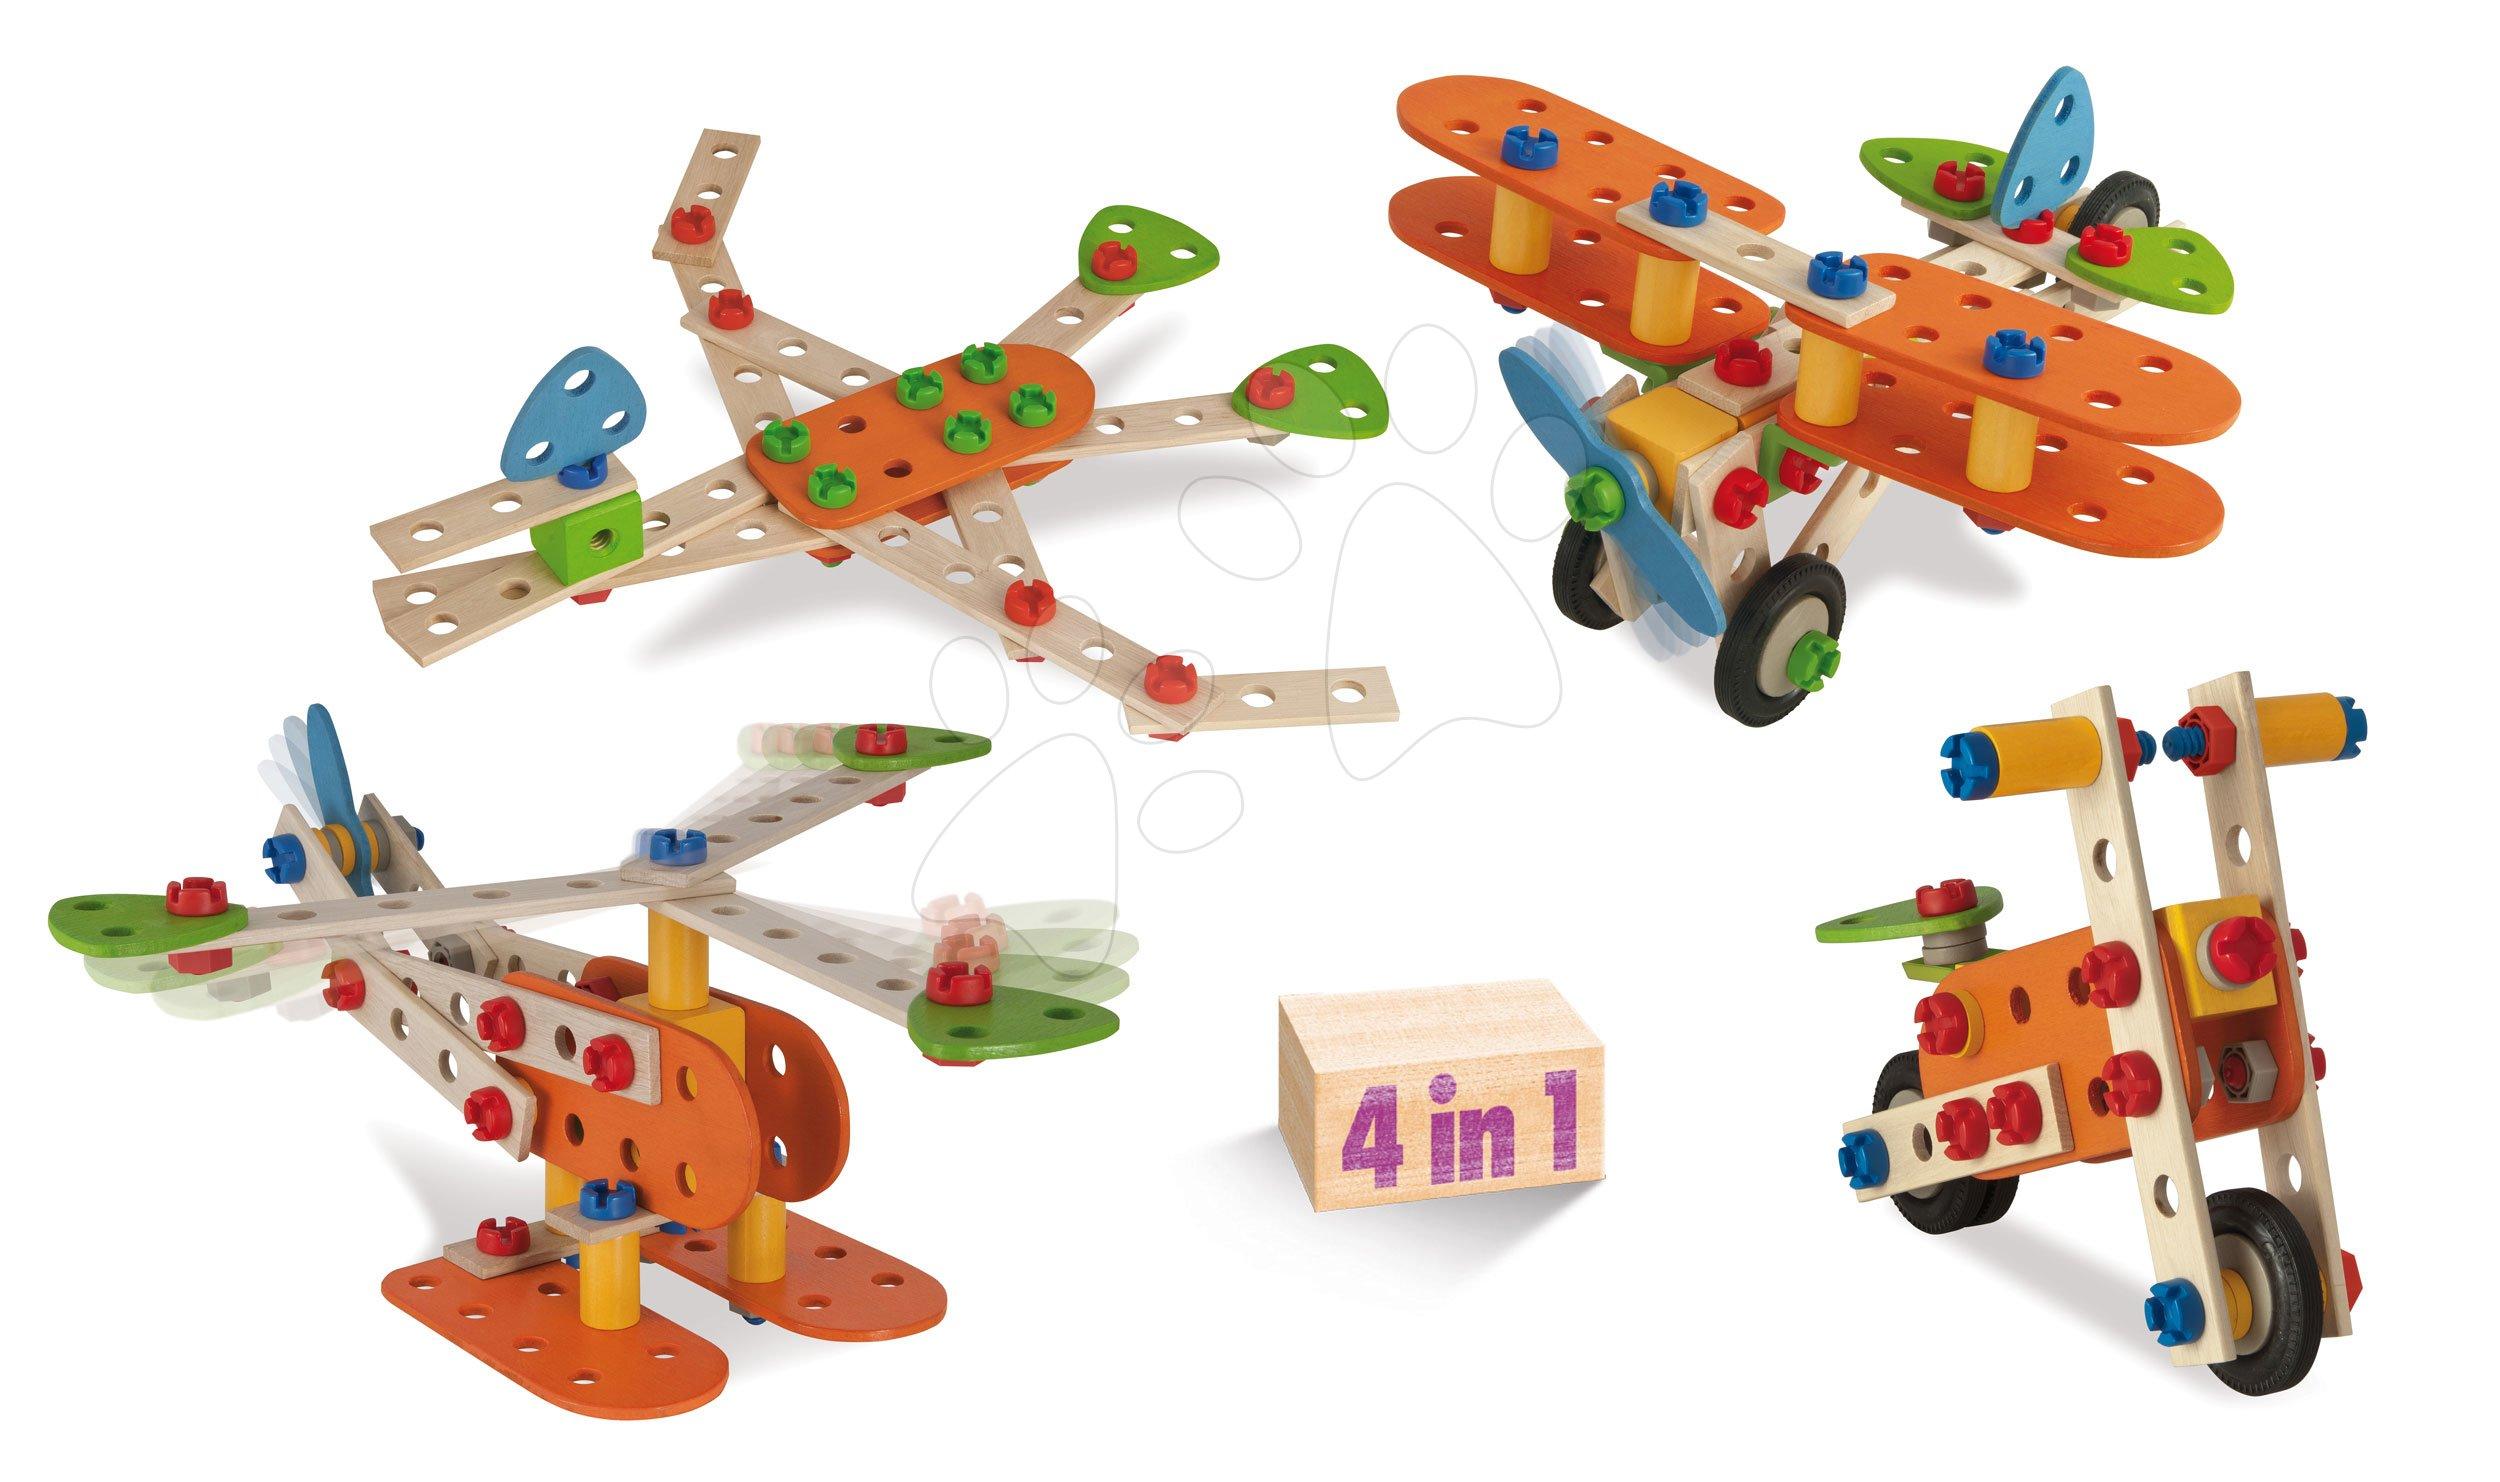 Drevená stavebnica lietadlo dvojplošník Constructor Biplane Eichhorn štyri modely (dinosaur, dvojplošník, motorka, hydroplán) 90 dielov od 4 rokov